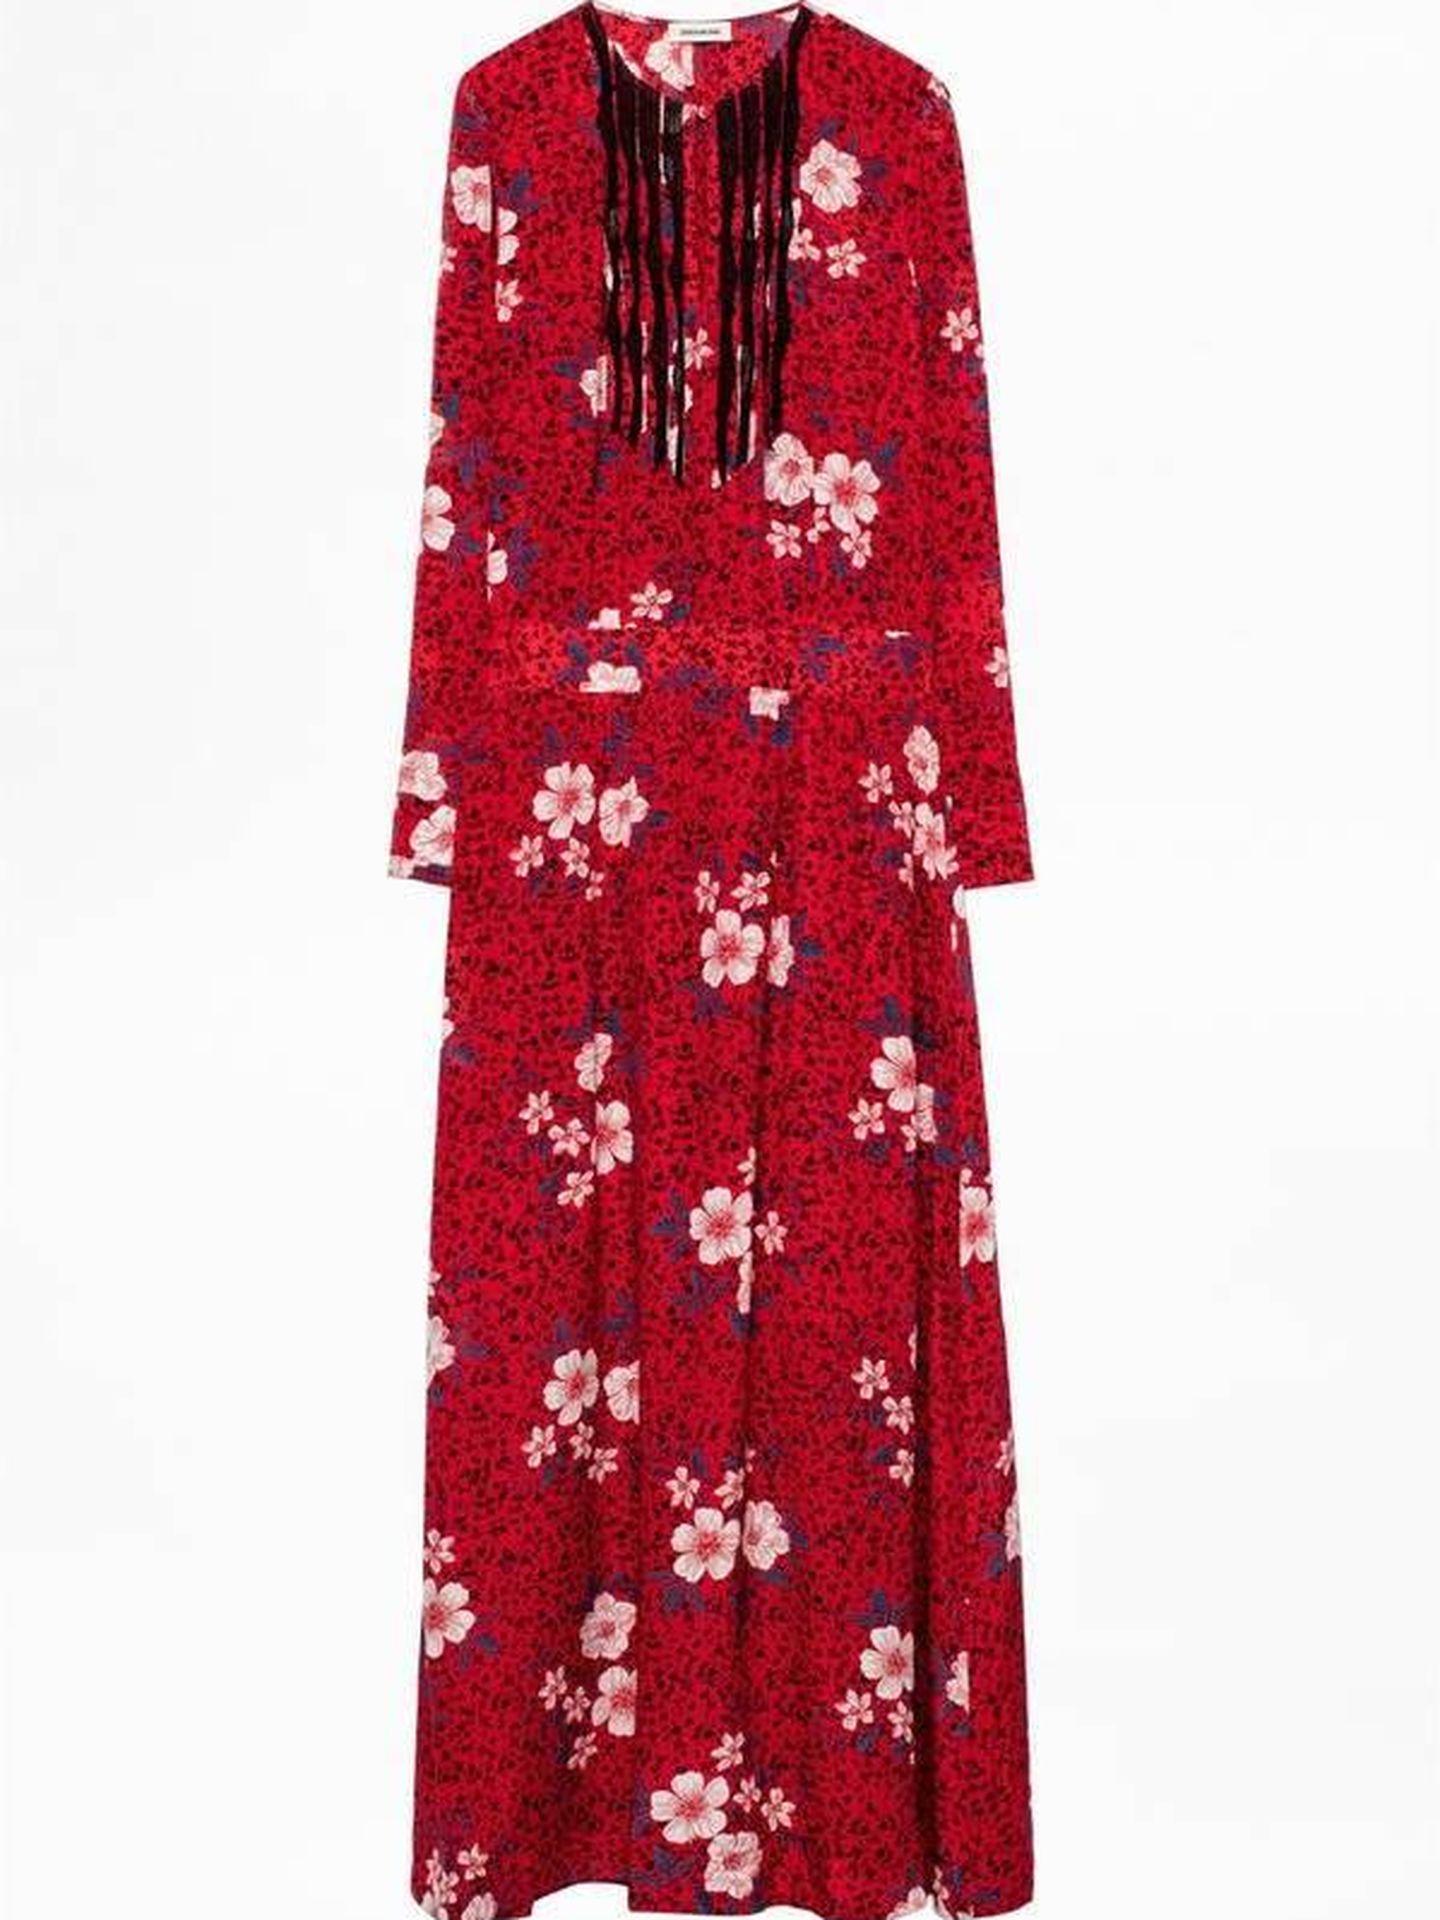 El vestido de Zadig et Voltaire. (Cortesía)